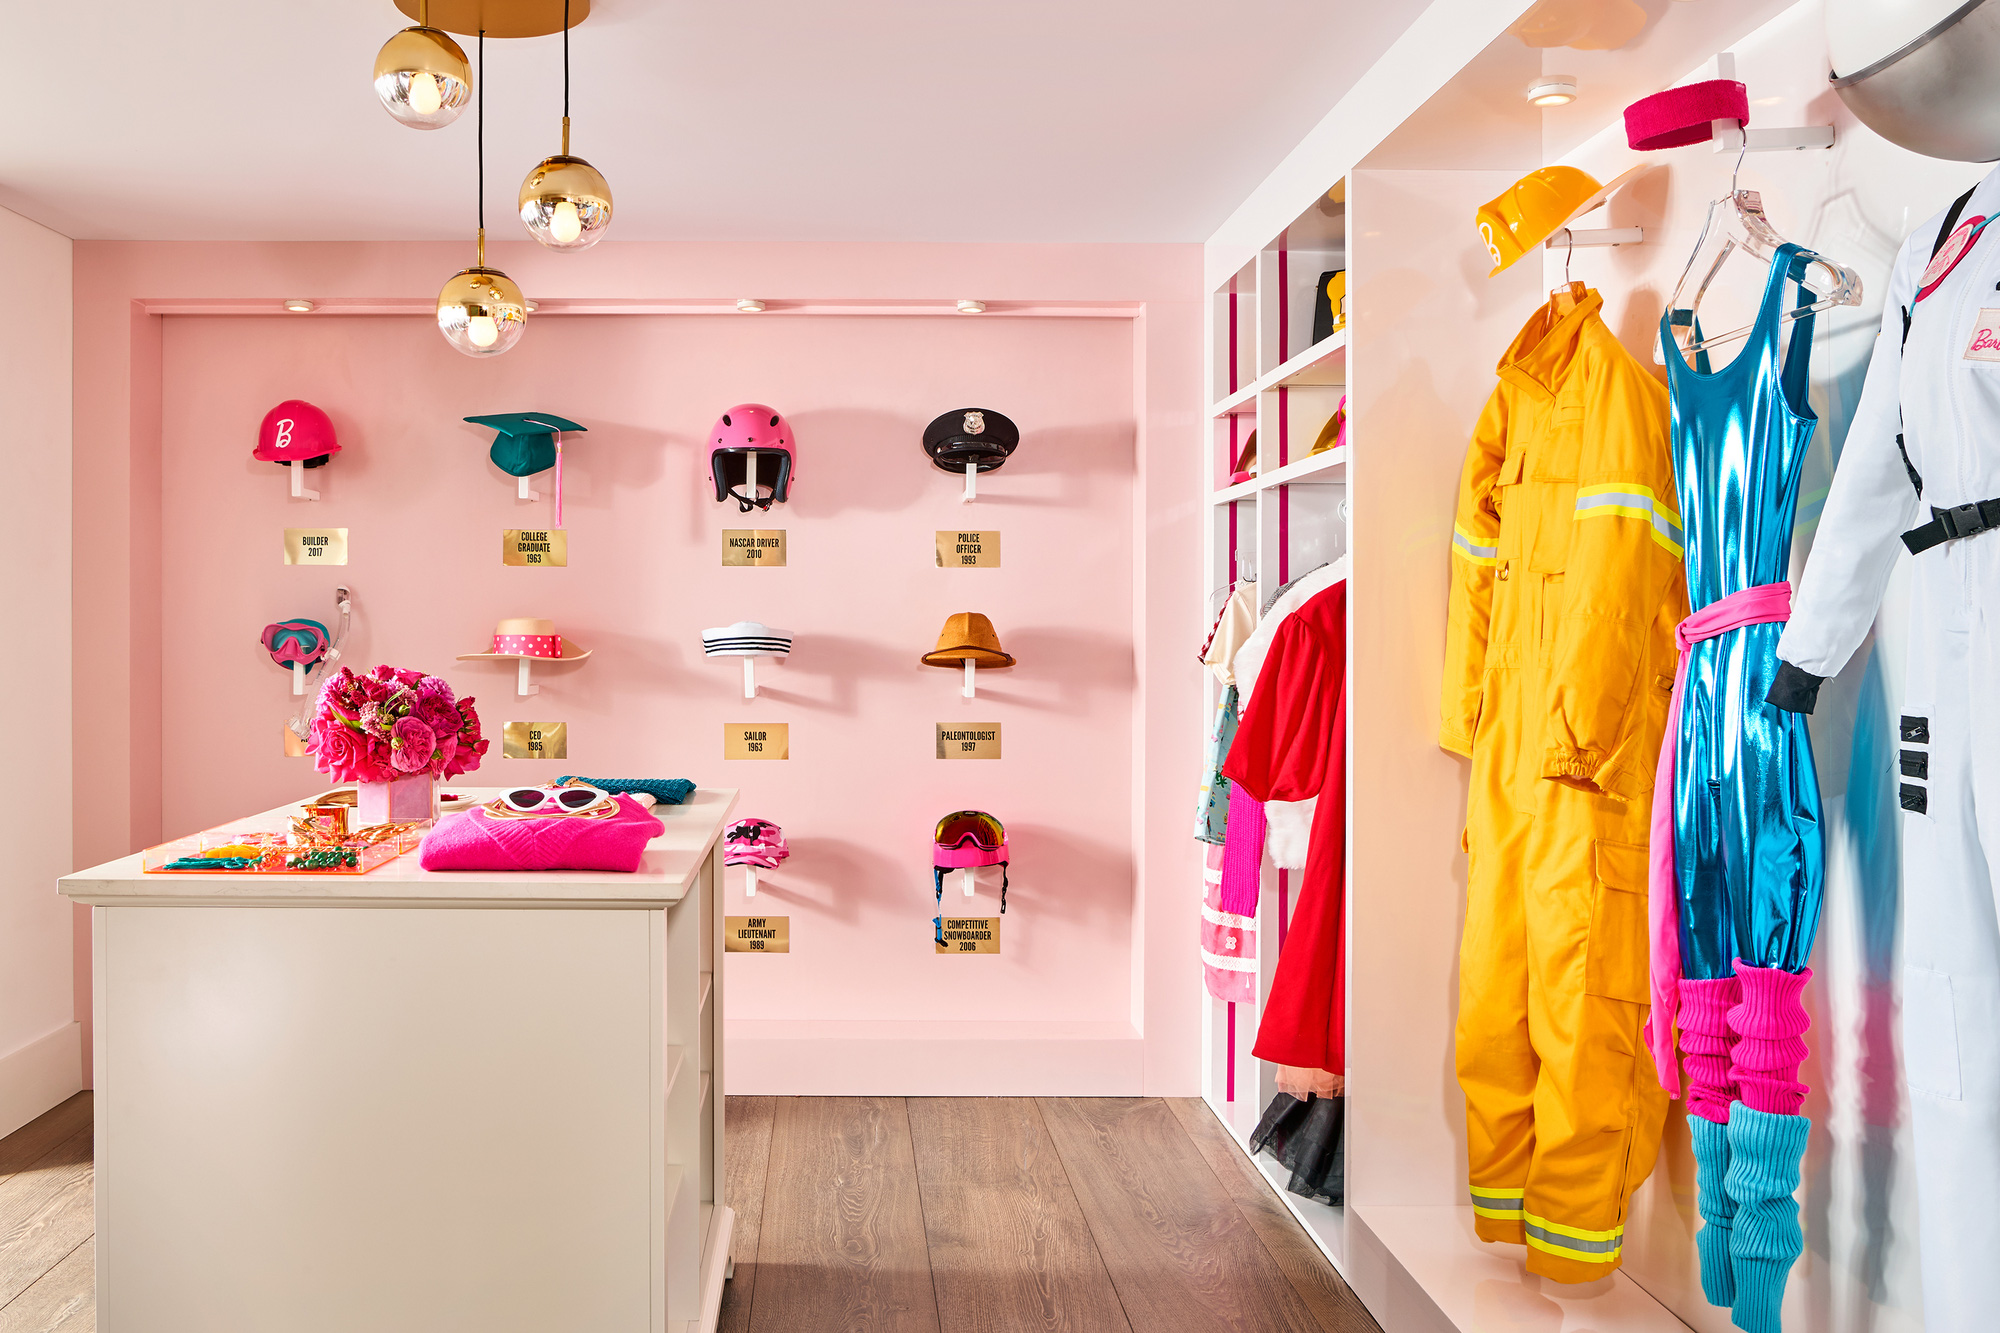 Ngôi nhà búp bê Barbie phiên bản hàng thật với giá 1,3 triệu/đêm, các cô gái nhanh tay xách vali lên nào - Ảnh 13.